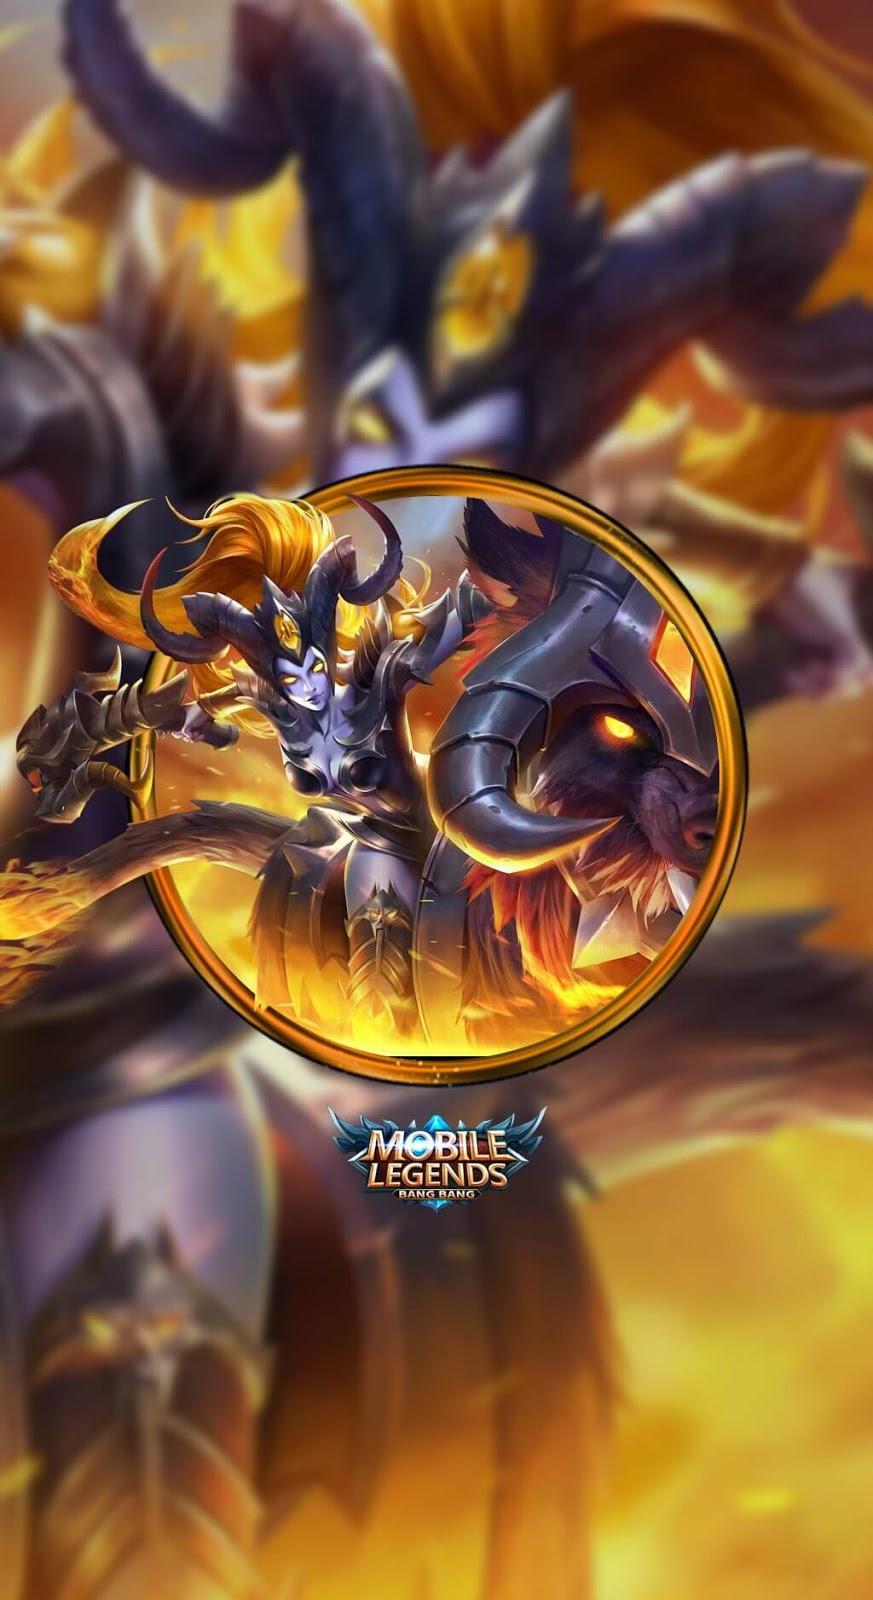 Wallpaper Irithel Hellfire V1 Skin Mobile Legends HD for Mobile - Hobigame.net